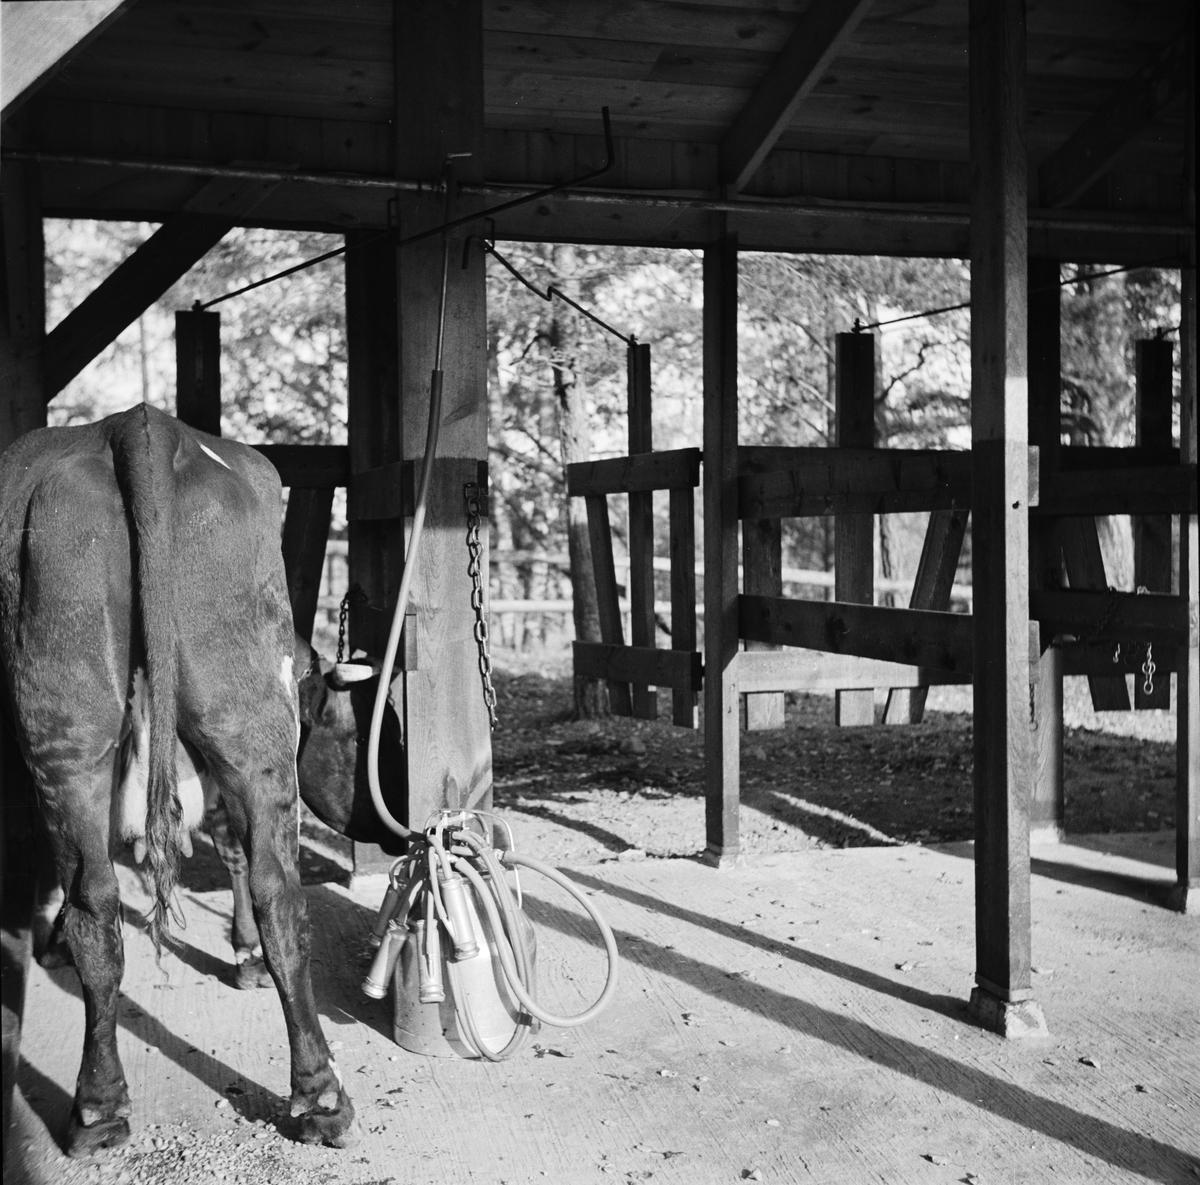 Mjölkning av kor på bondgård, sannolikt Uppland, 1937